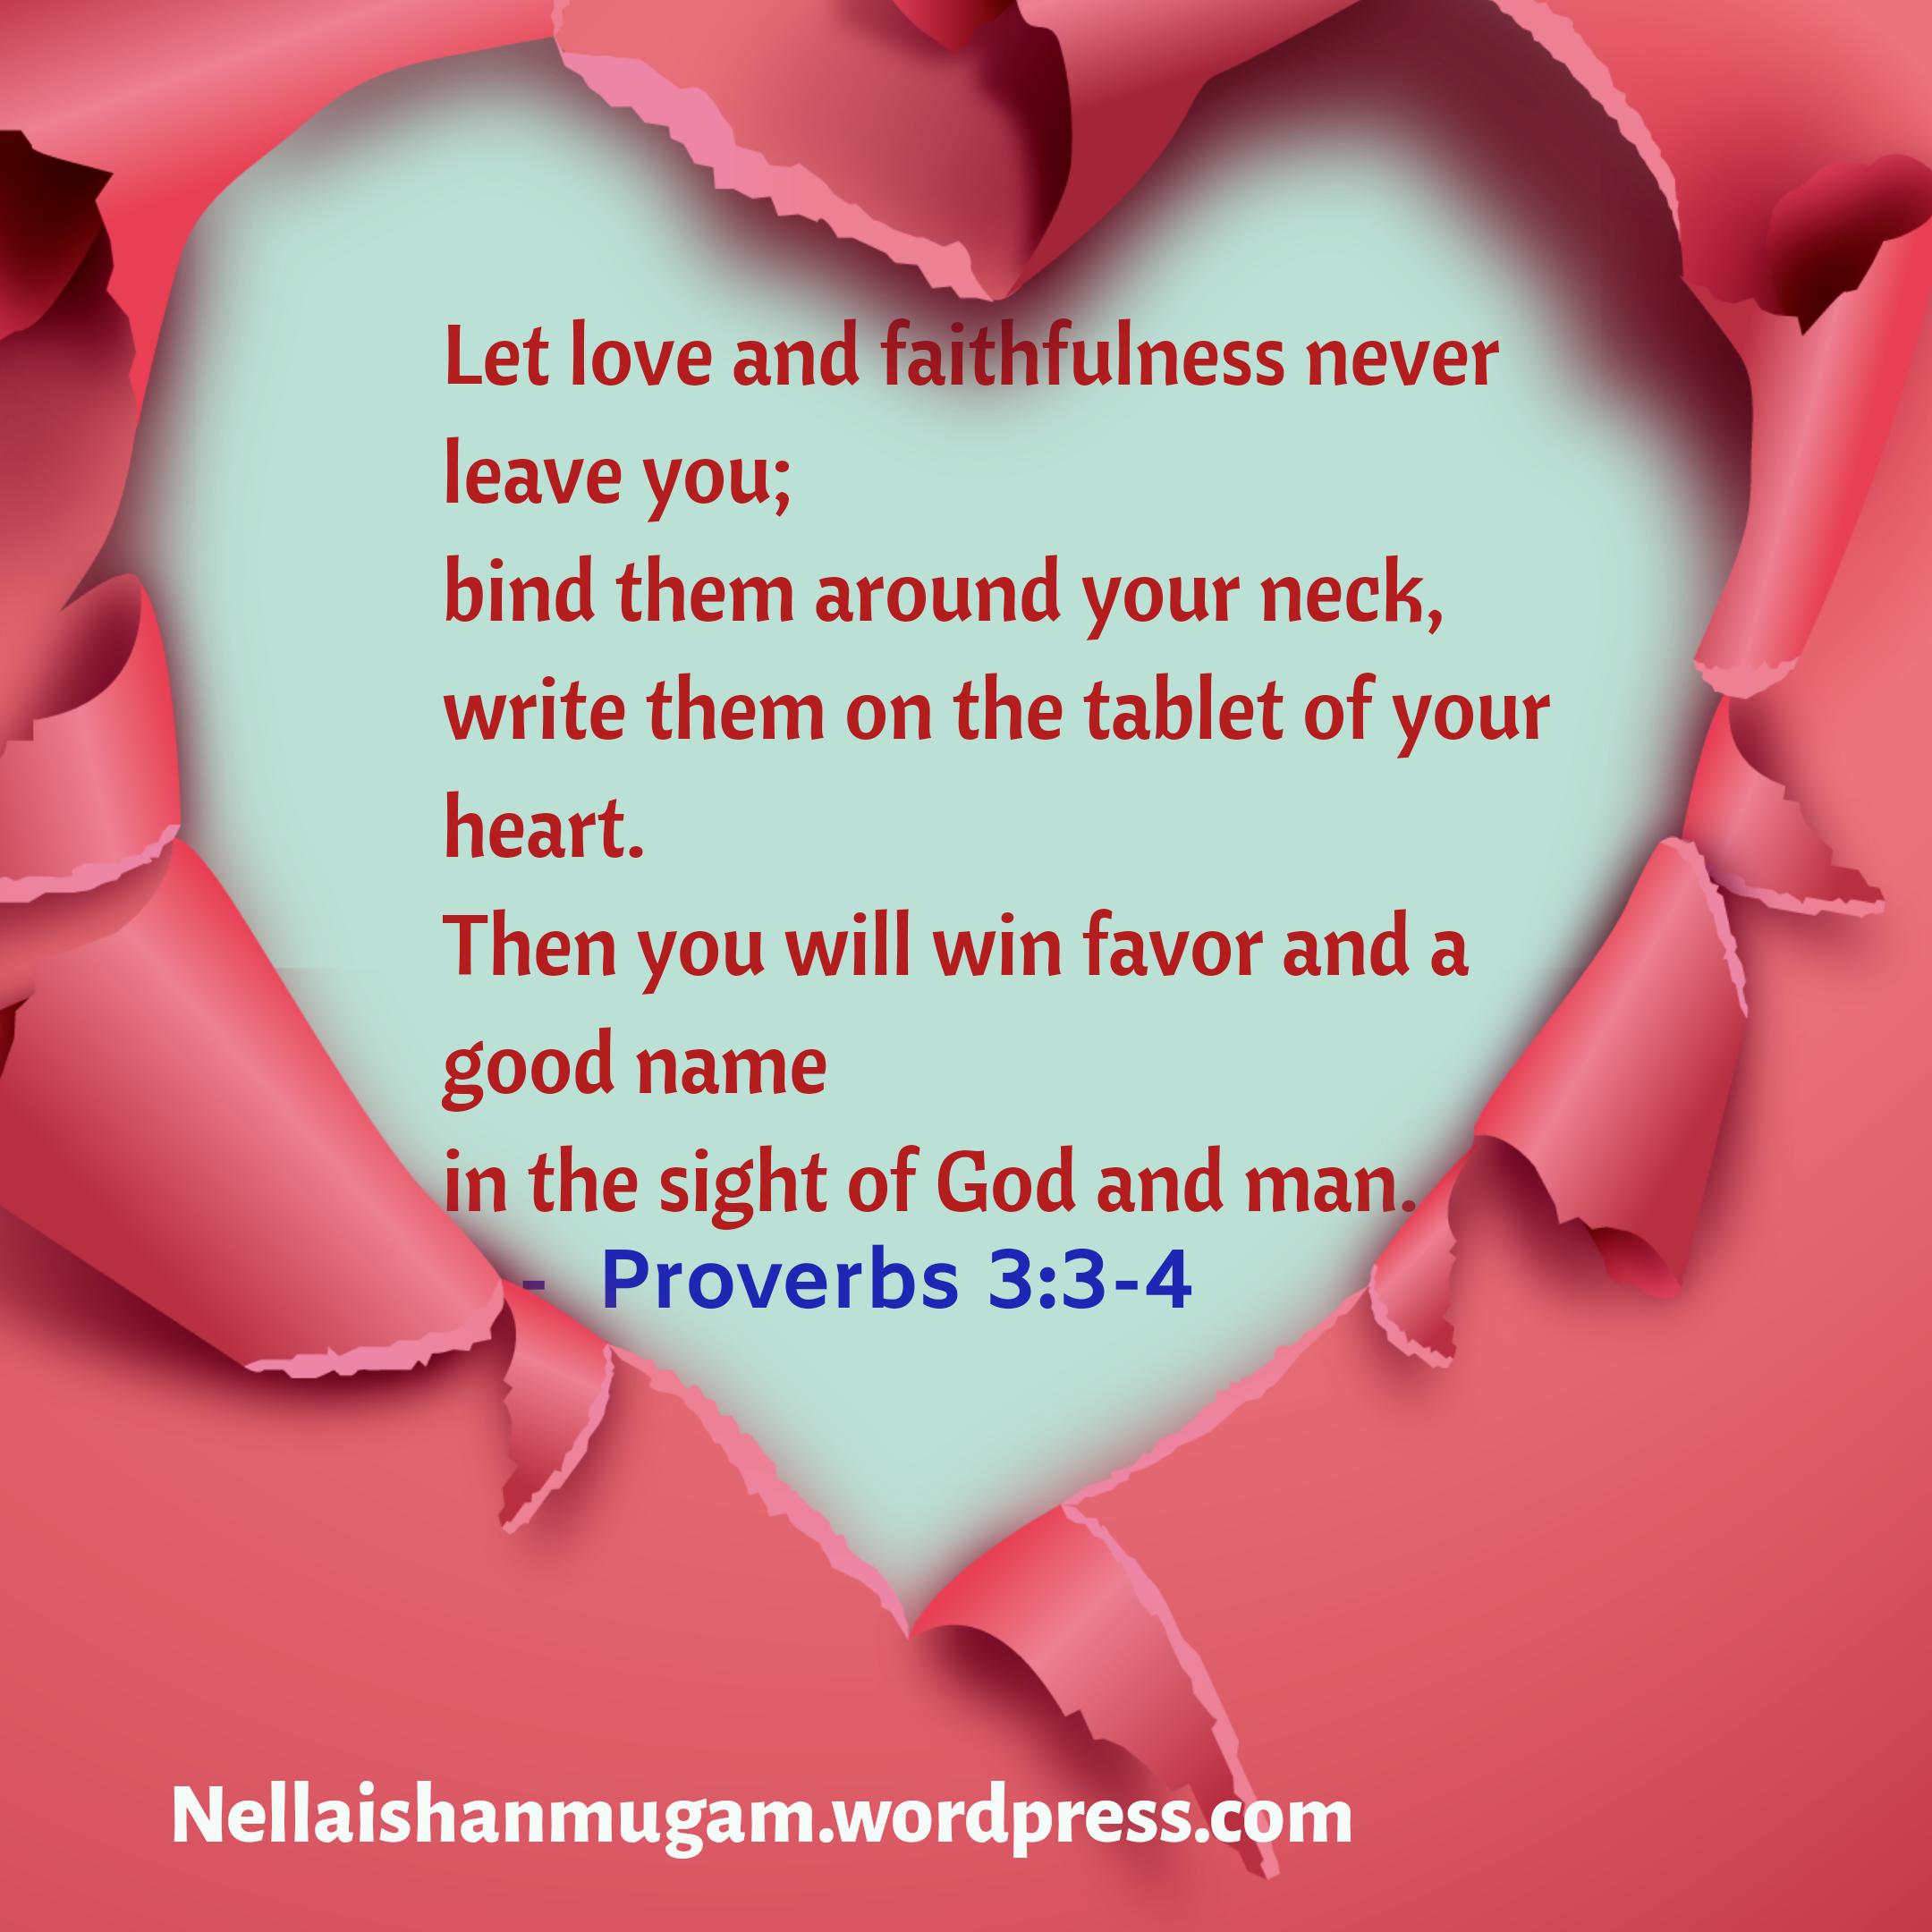 Bible verse regarding love - Proverbs 3:3-4